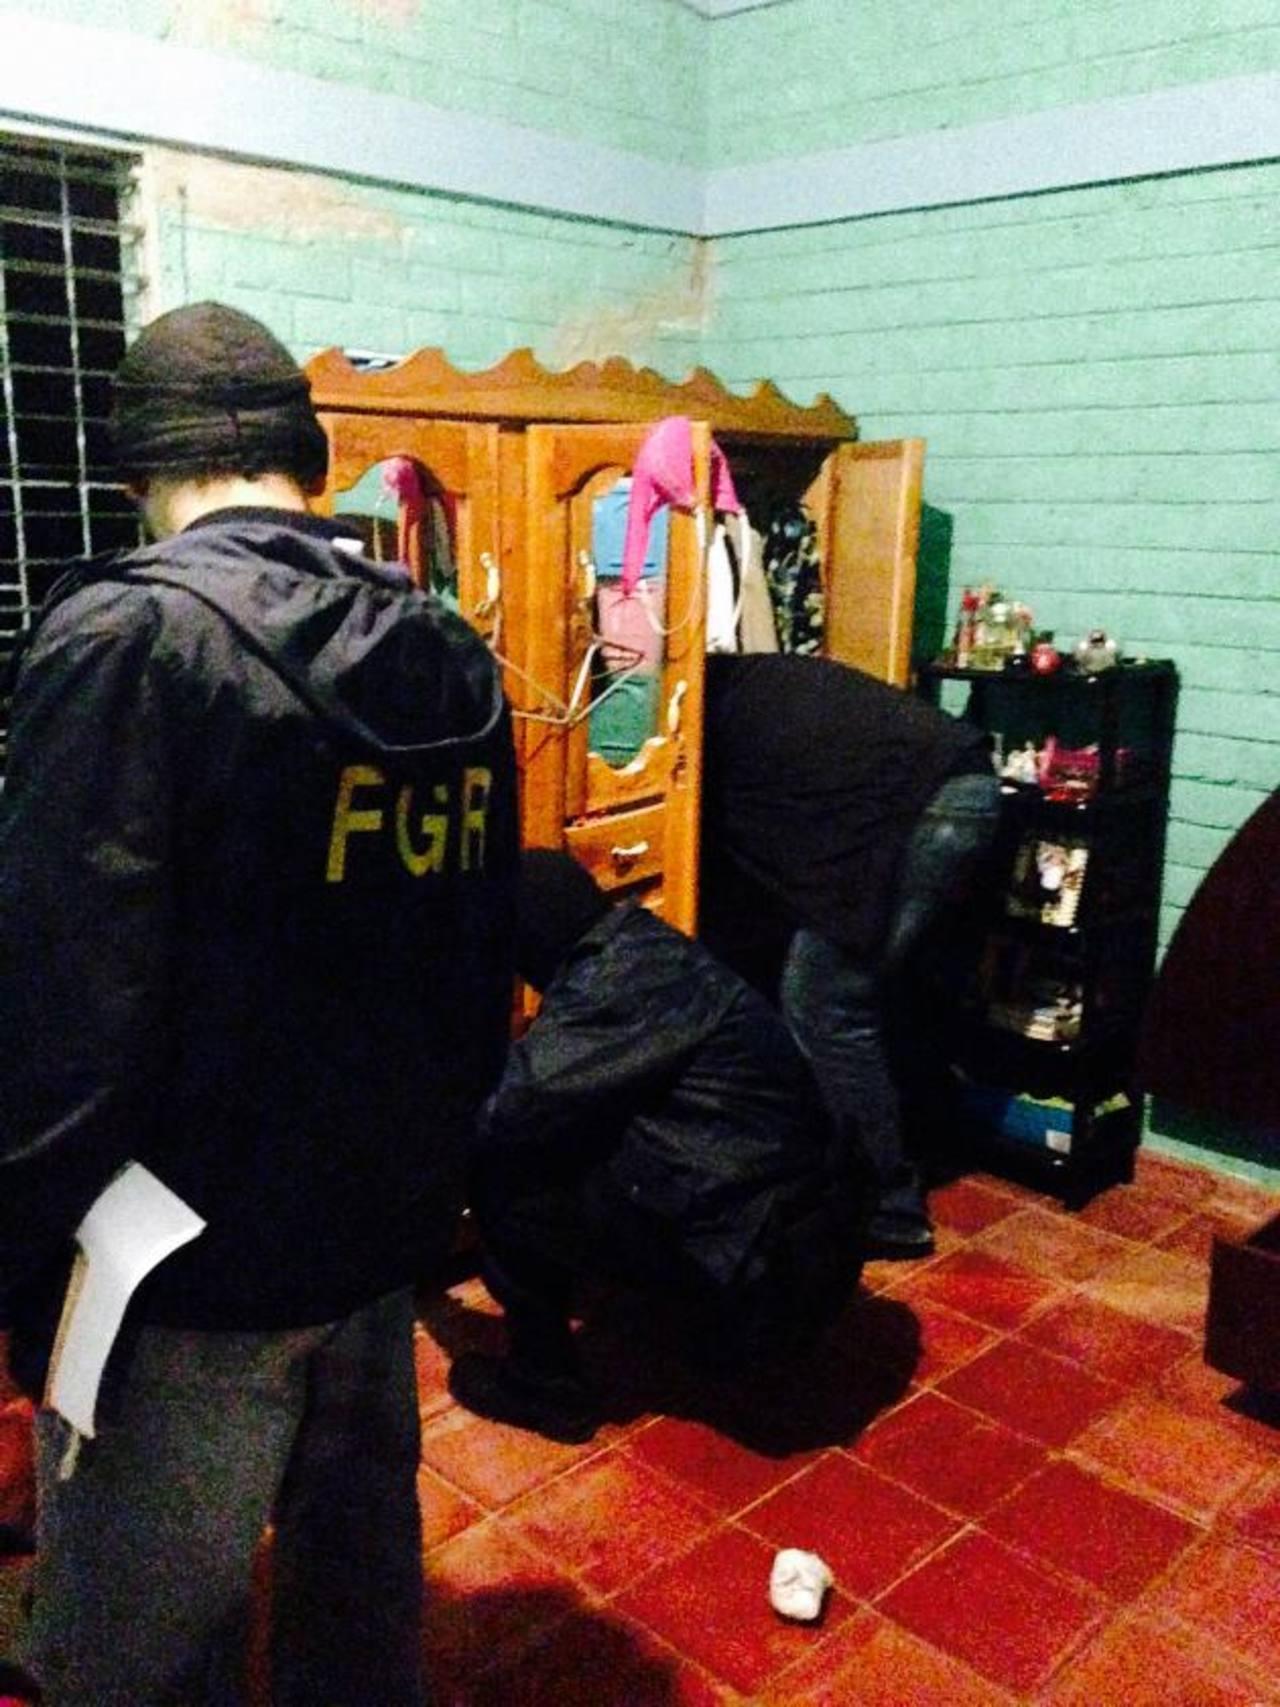 Fiscales y policías registran la casa de un supuesto pandillero detenido en La Libertad. Foto EDH /